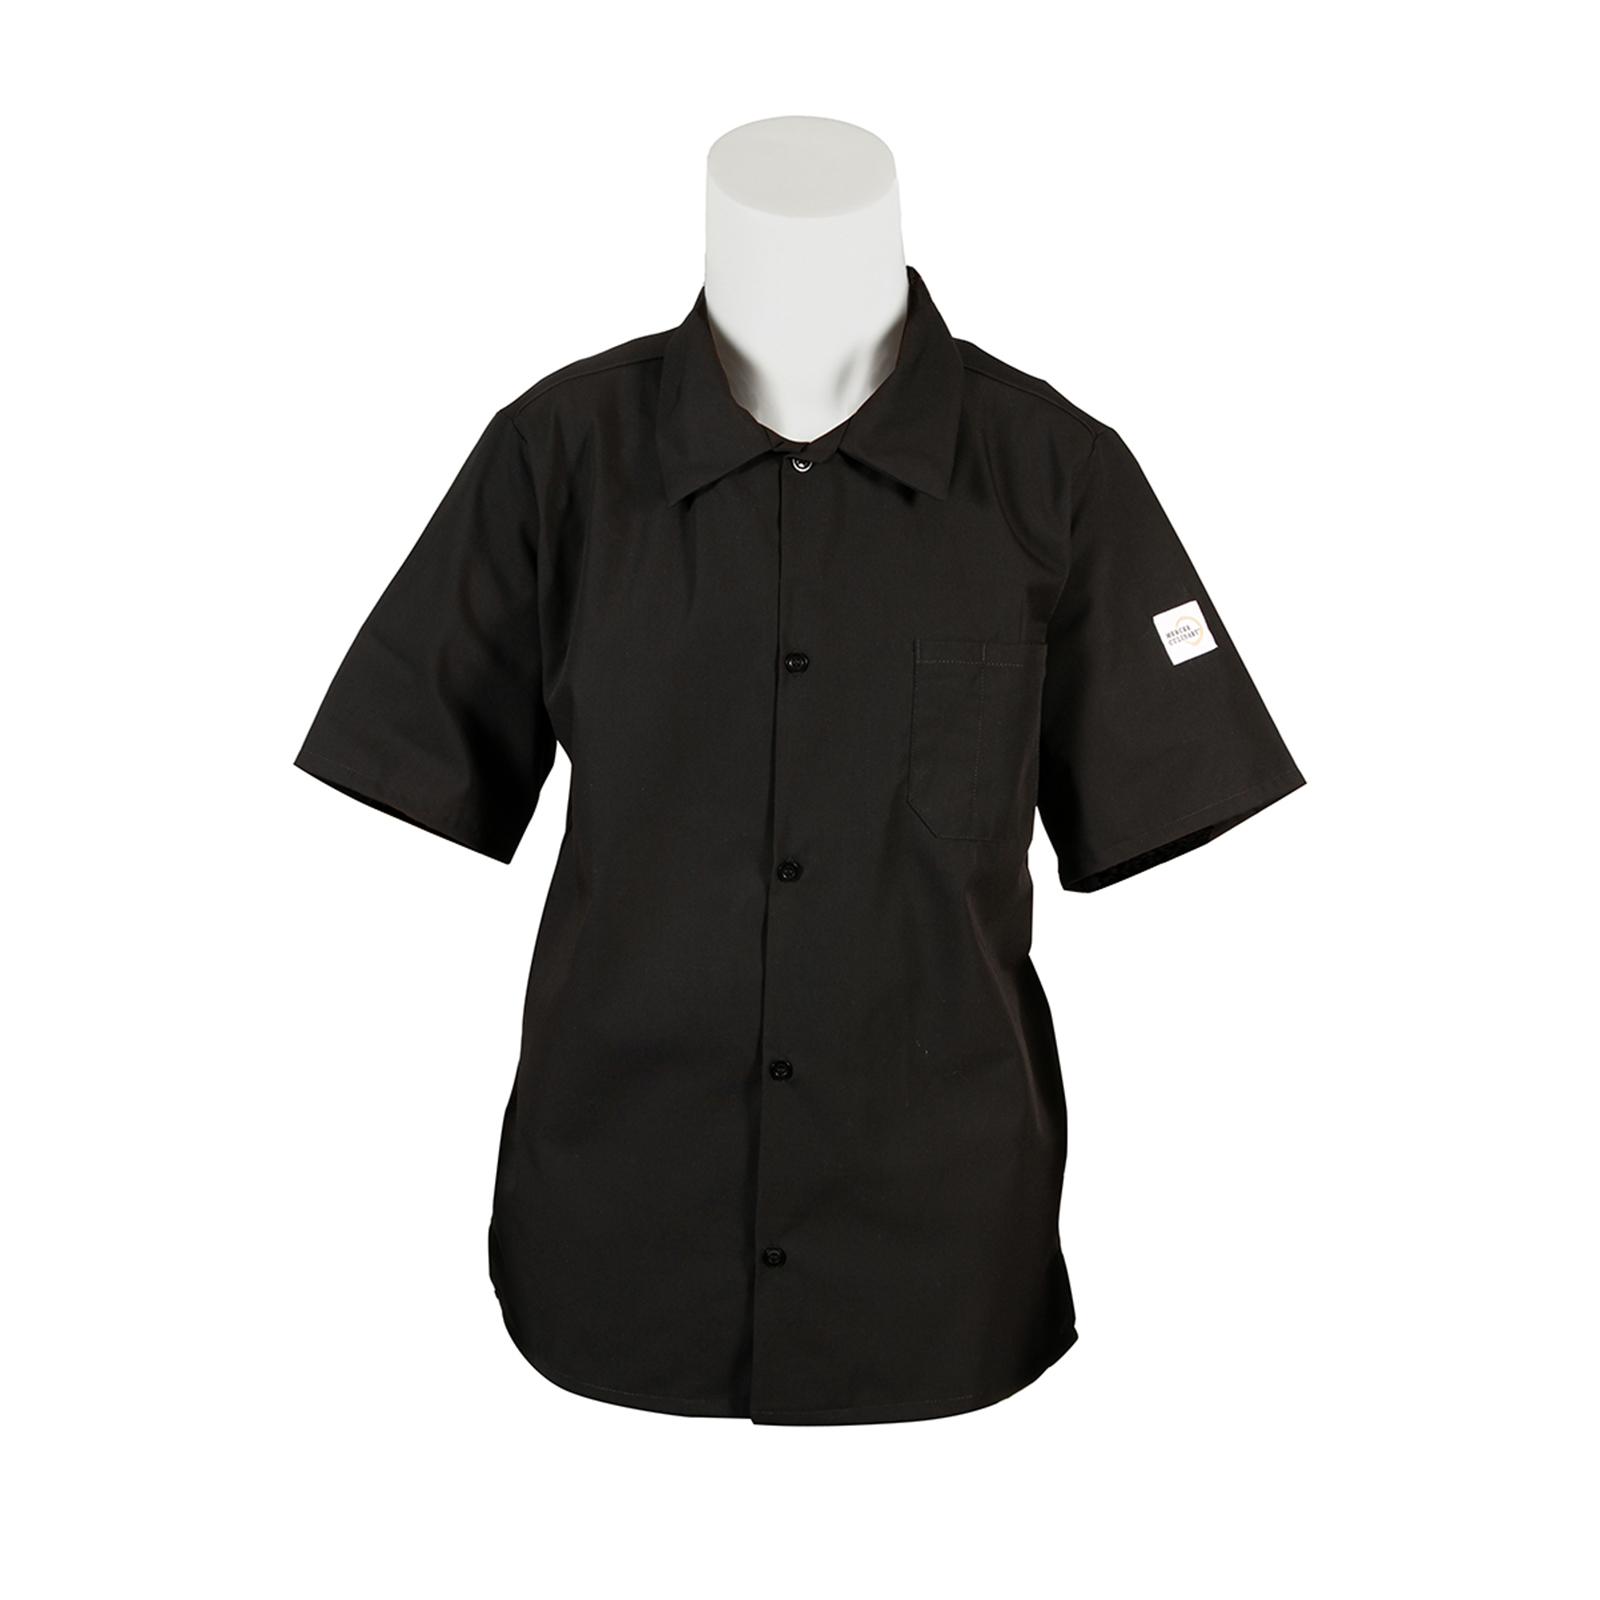 Mercer Culinary M60200BKL cook's shirt